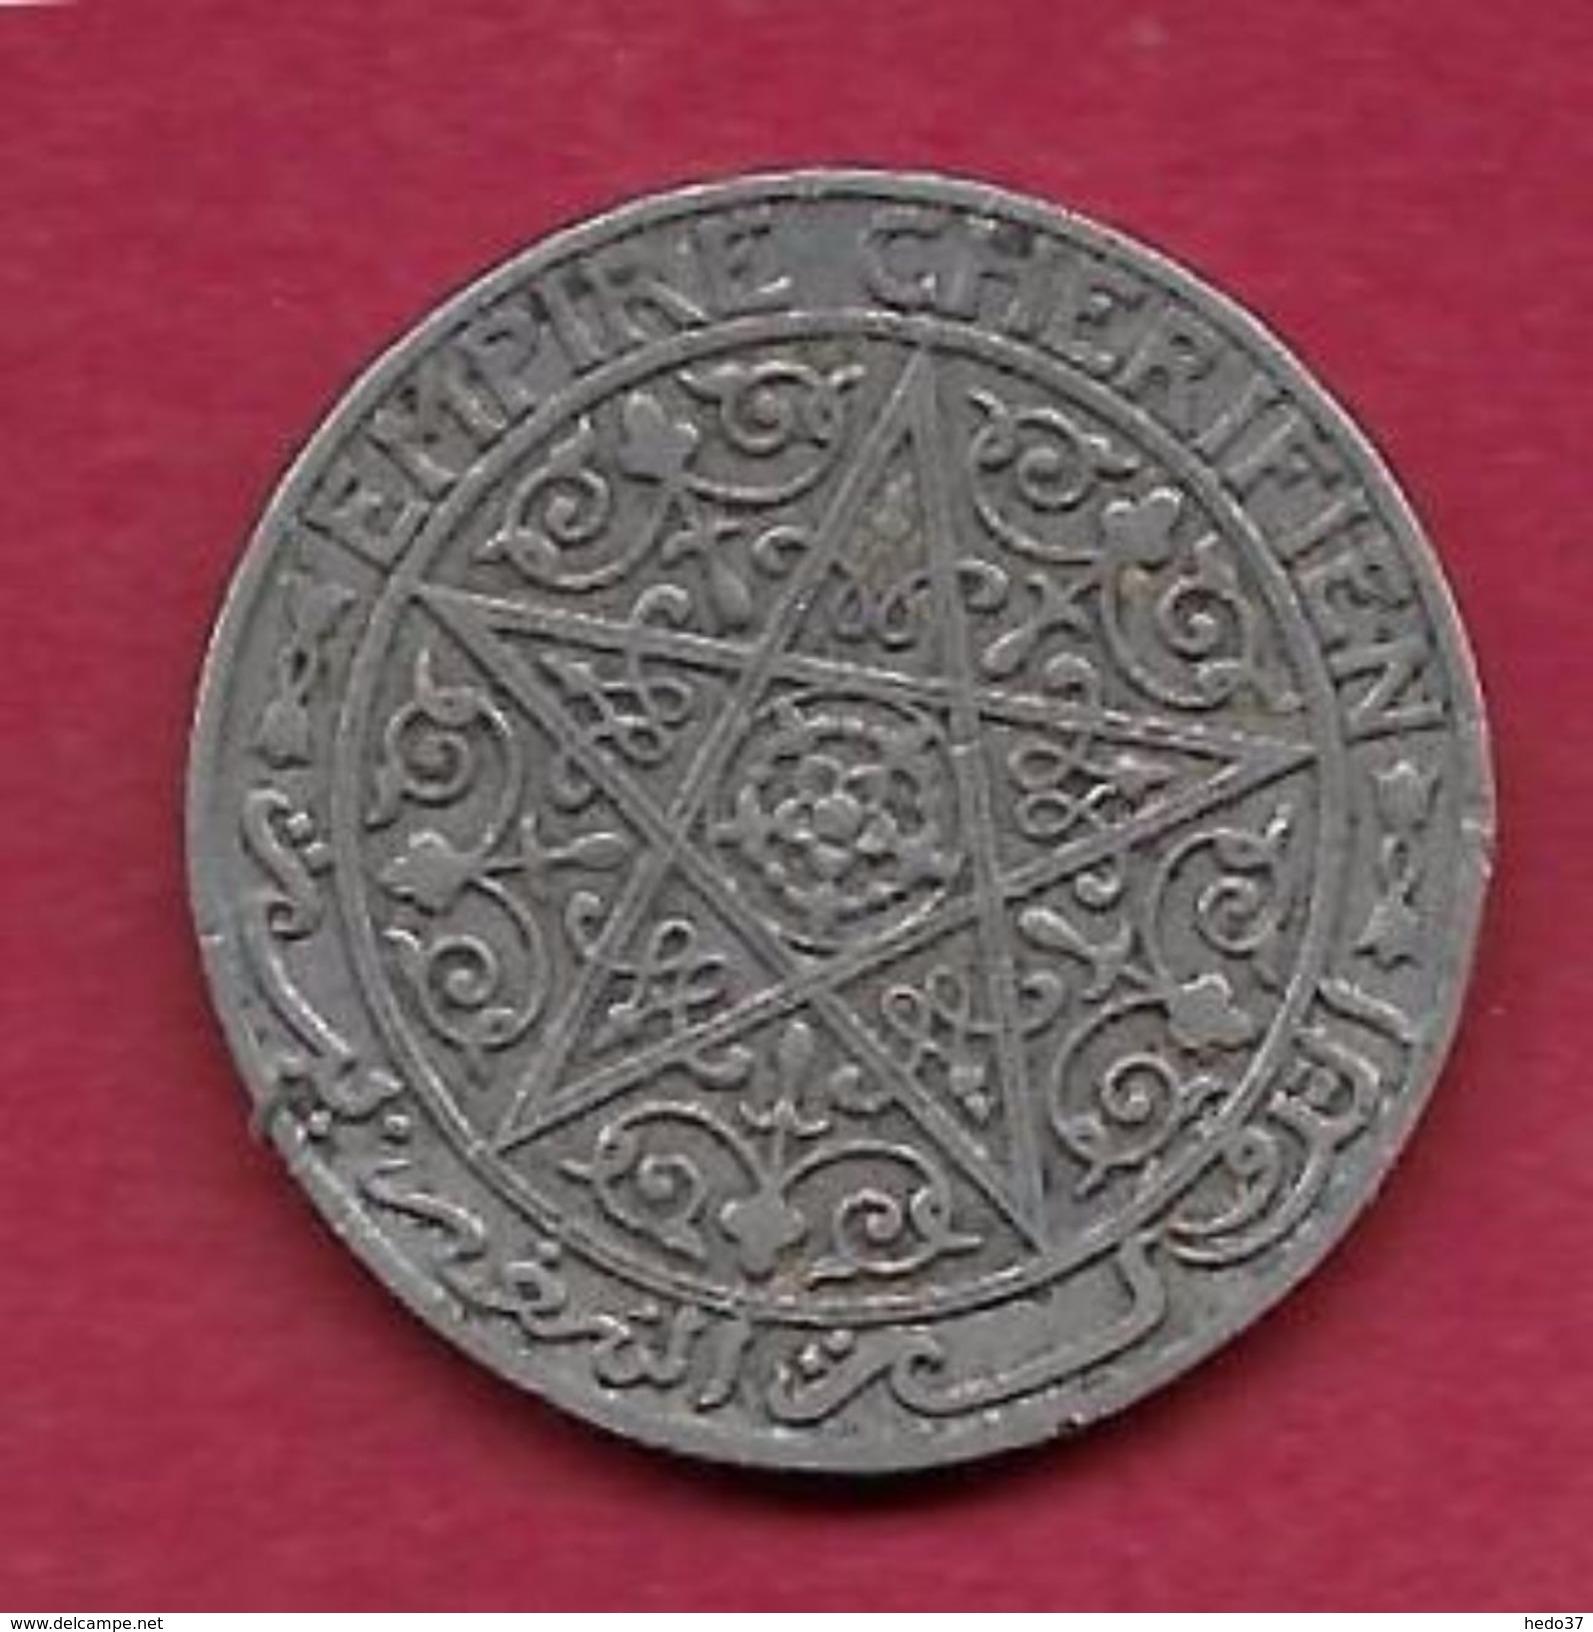 Maroc 50 Centimes - Empire Cherifien - Maroc